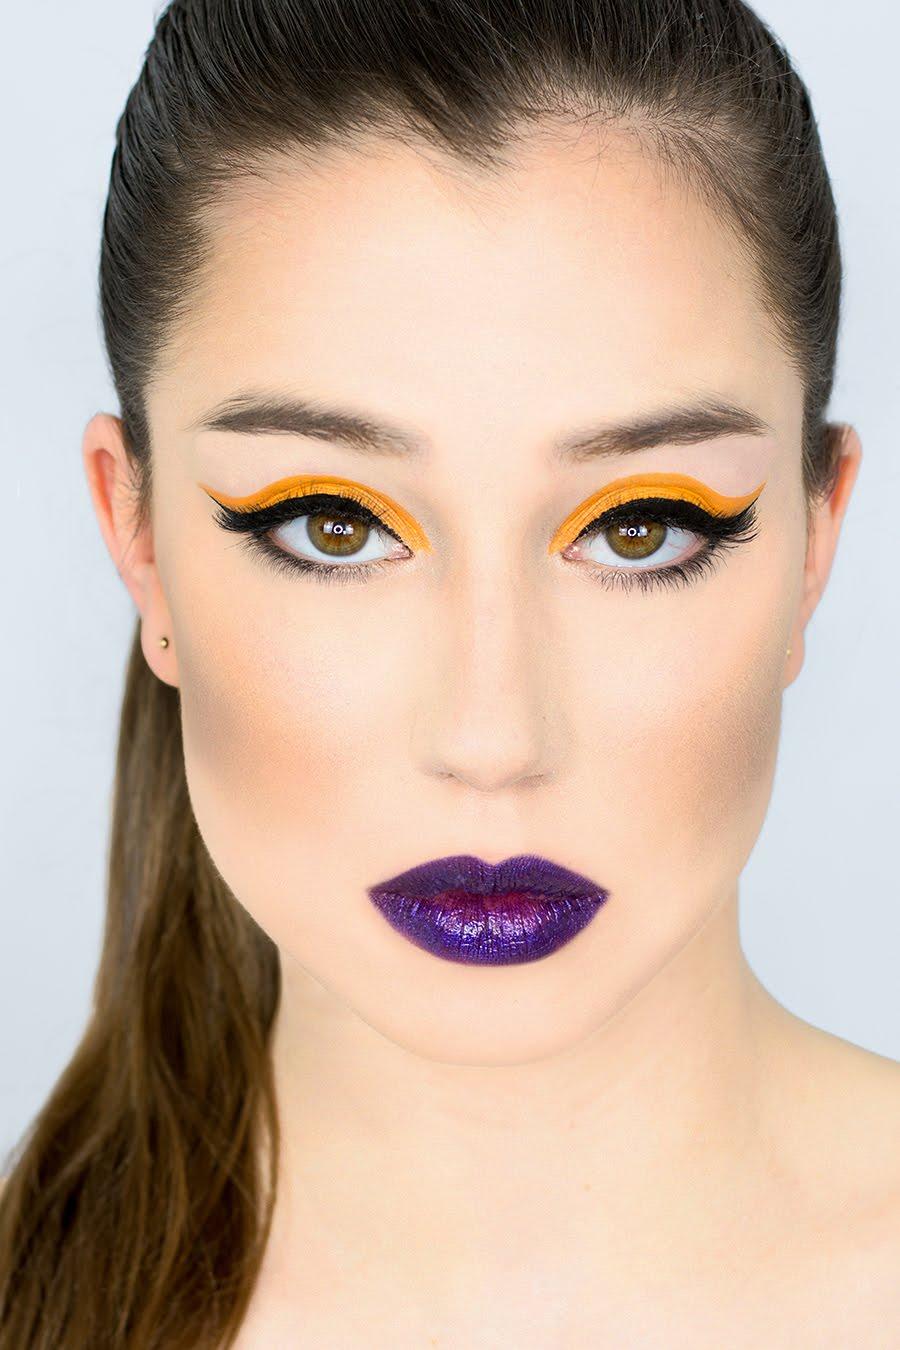 kinga-czarnecka-kamini-makeup-wizazystka-poznan-makijazystka-poznan-makijaz-poznan-sesja-zdjeciowa-poznan-beauty-poznan-makeup-nauka-makijazu-poznan-beauty-poznan